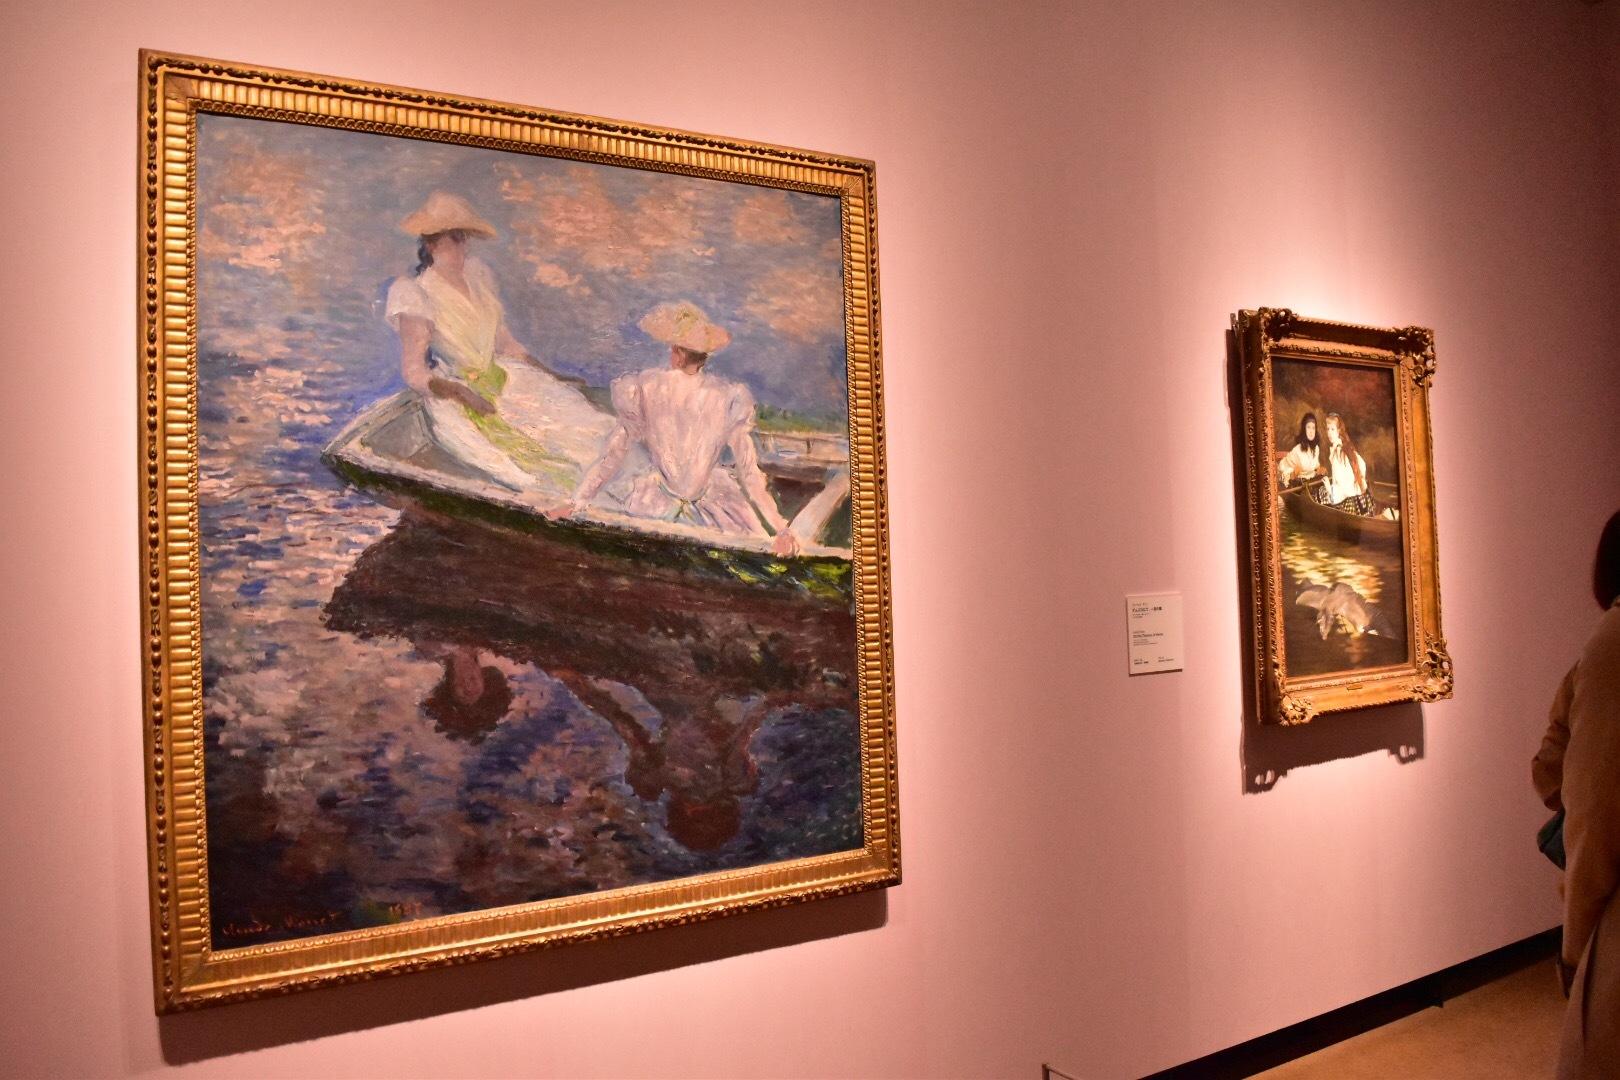 左:クロード・モネ《舟遊び》1887年 国立西洋美術館(松方コレクション) 右奥:ジェームズ・ティソ《テムズ川にて、一羽の鷺》1871-72年頃 ミネアポリス美術館